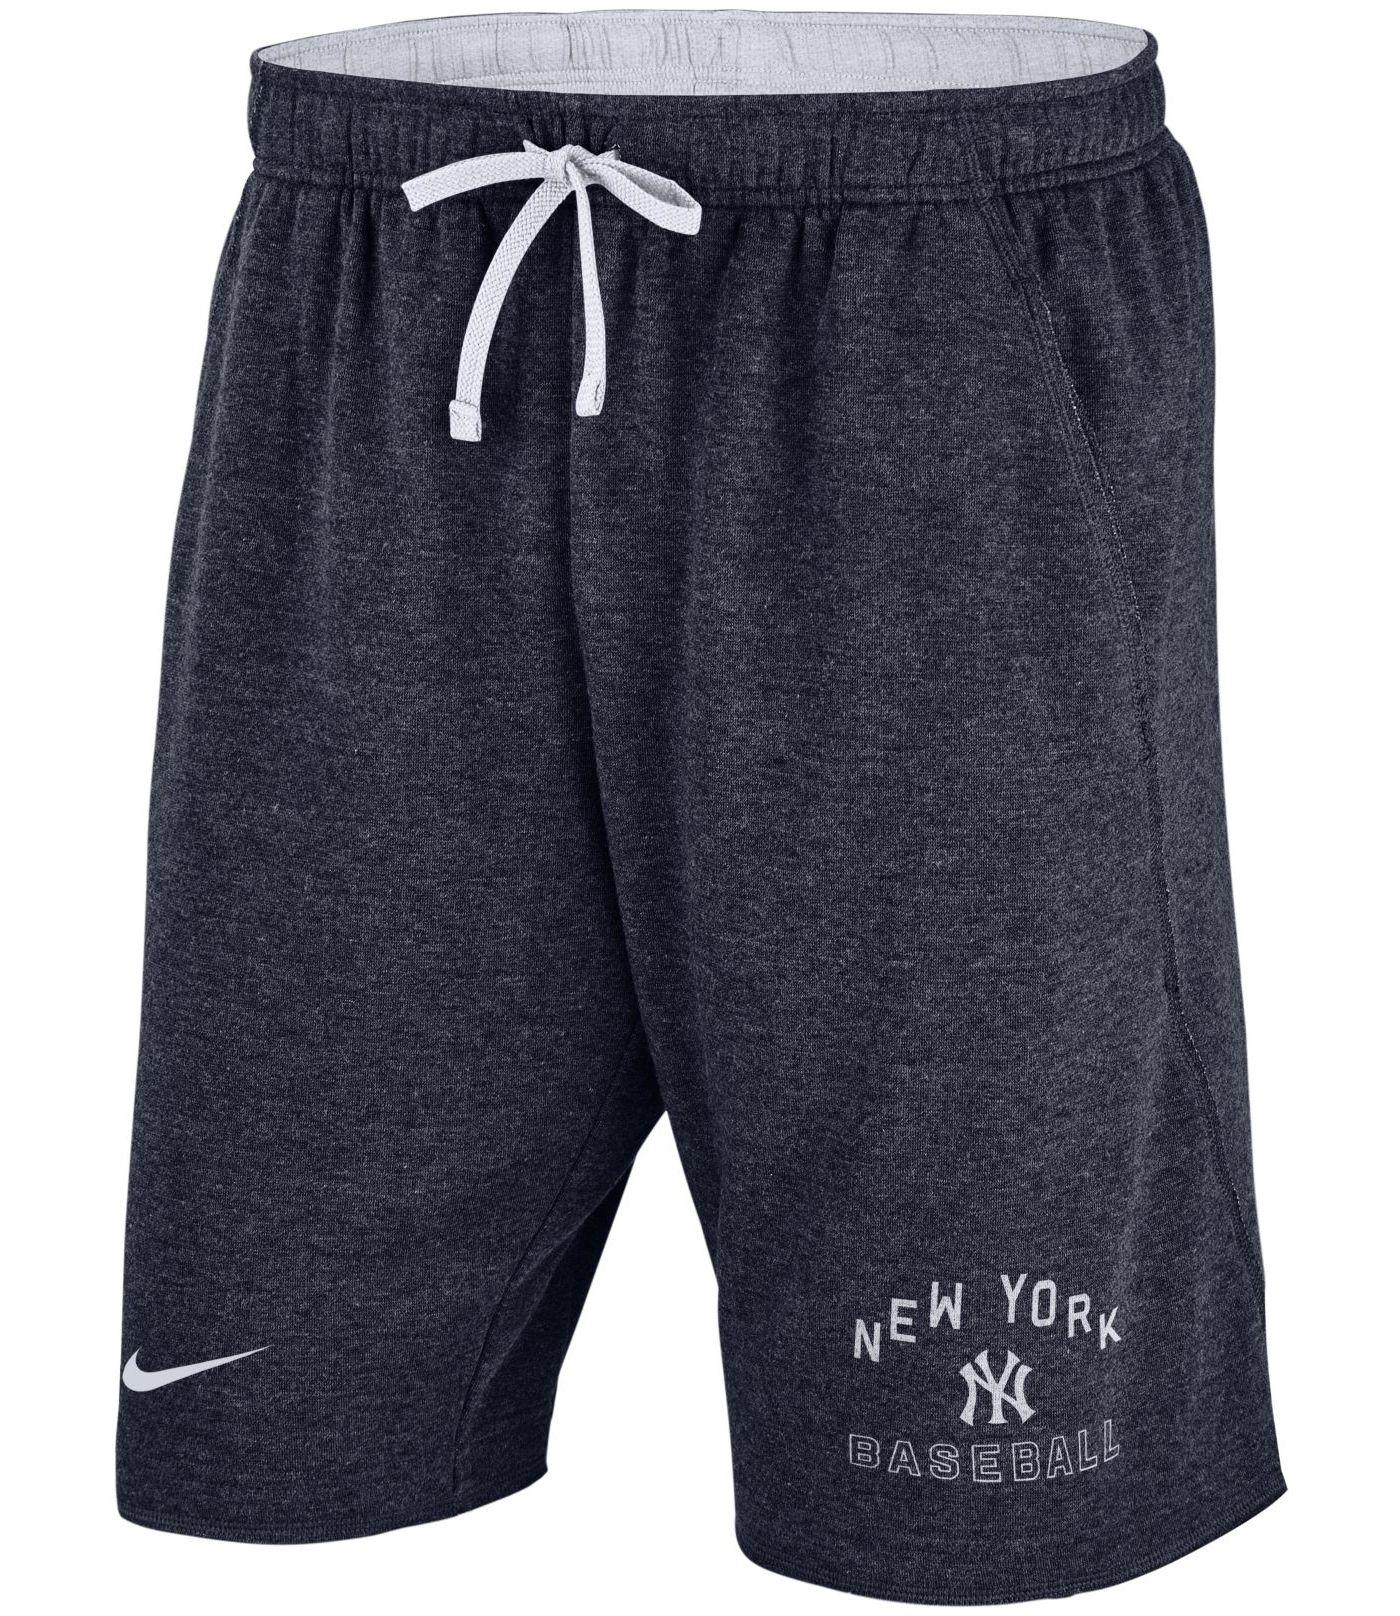 Nike Men's New York Yankees Flux Shorts